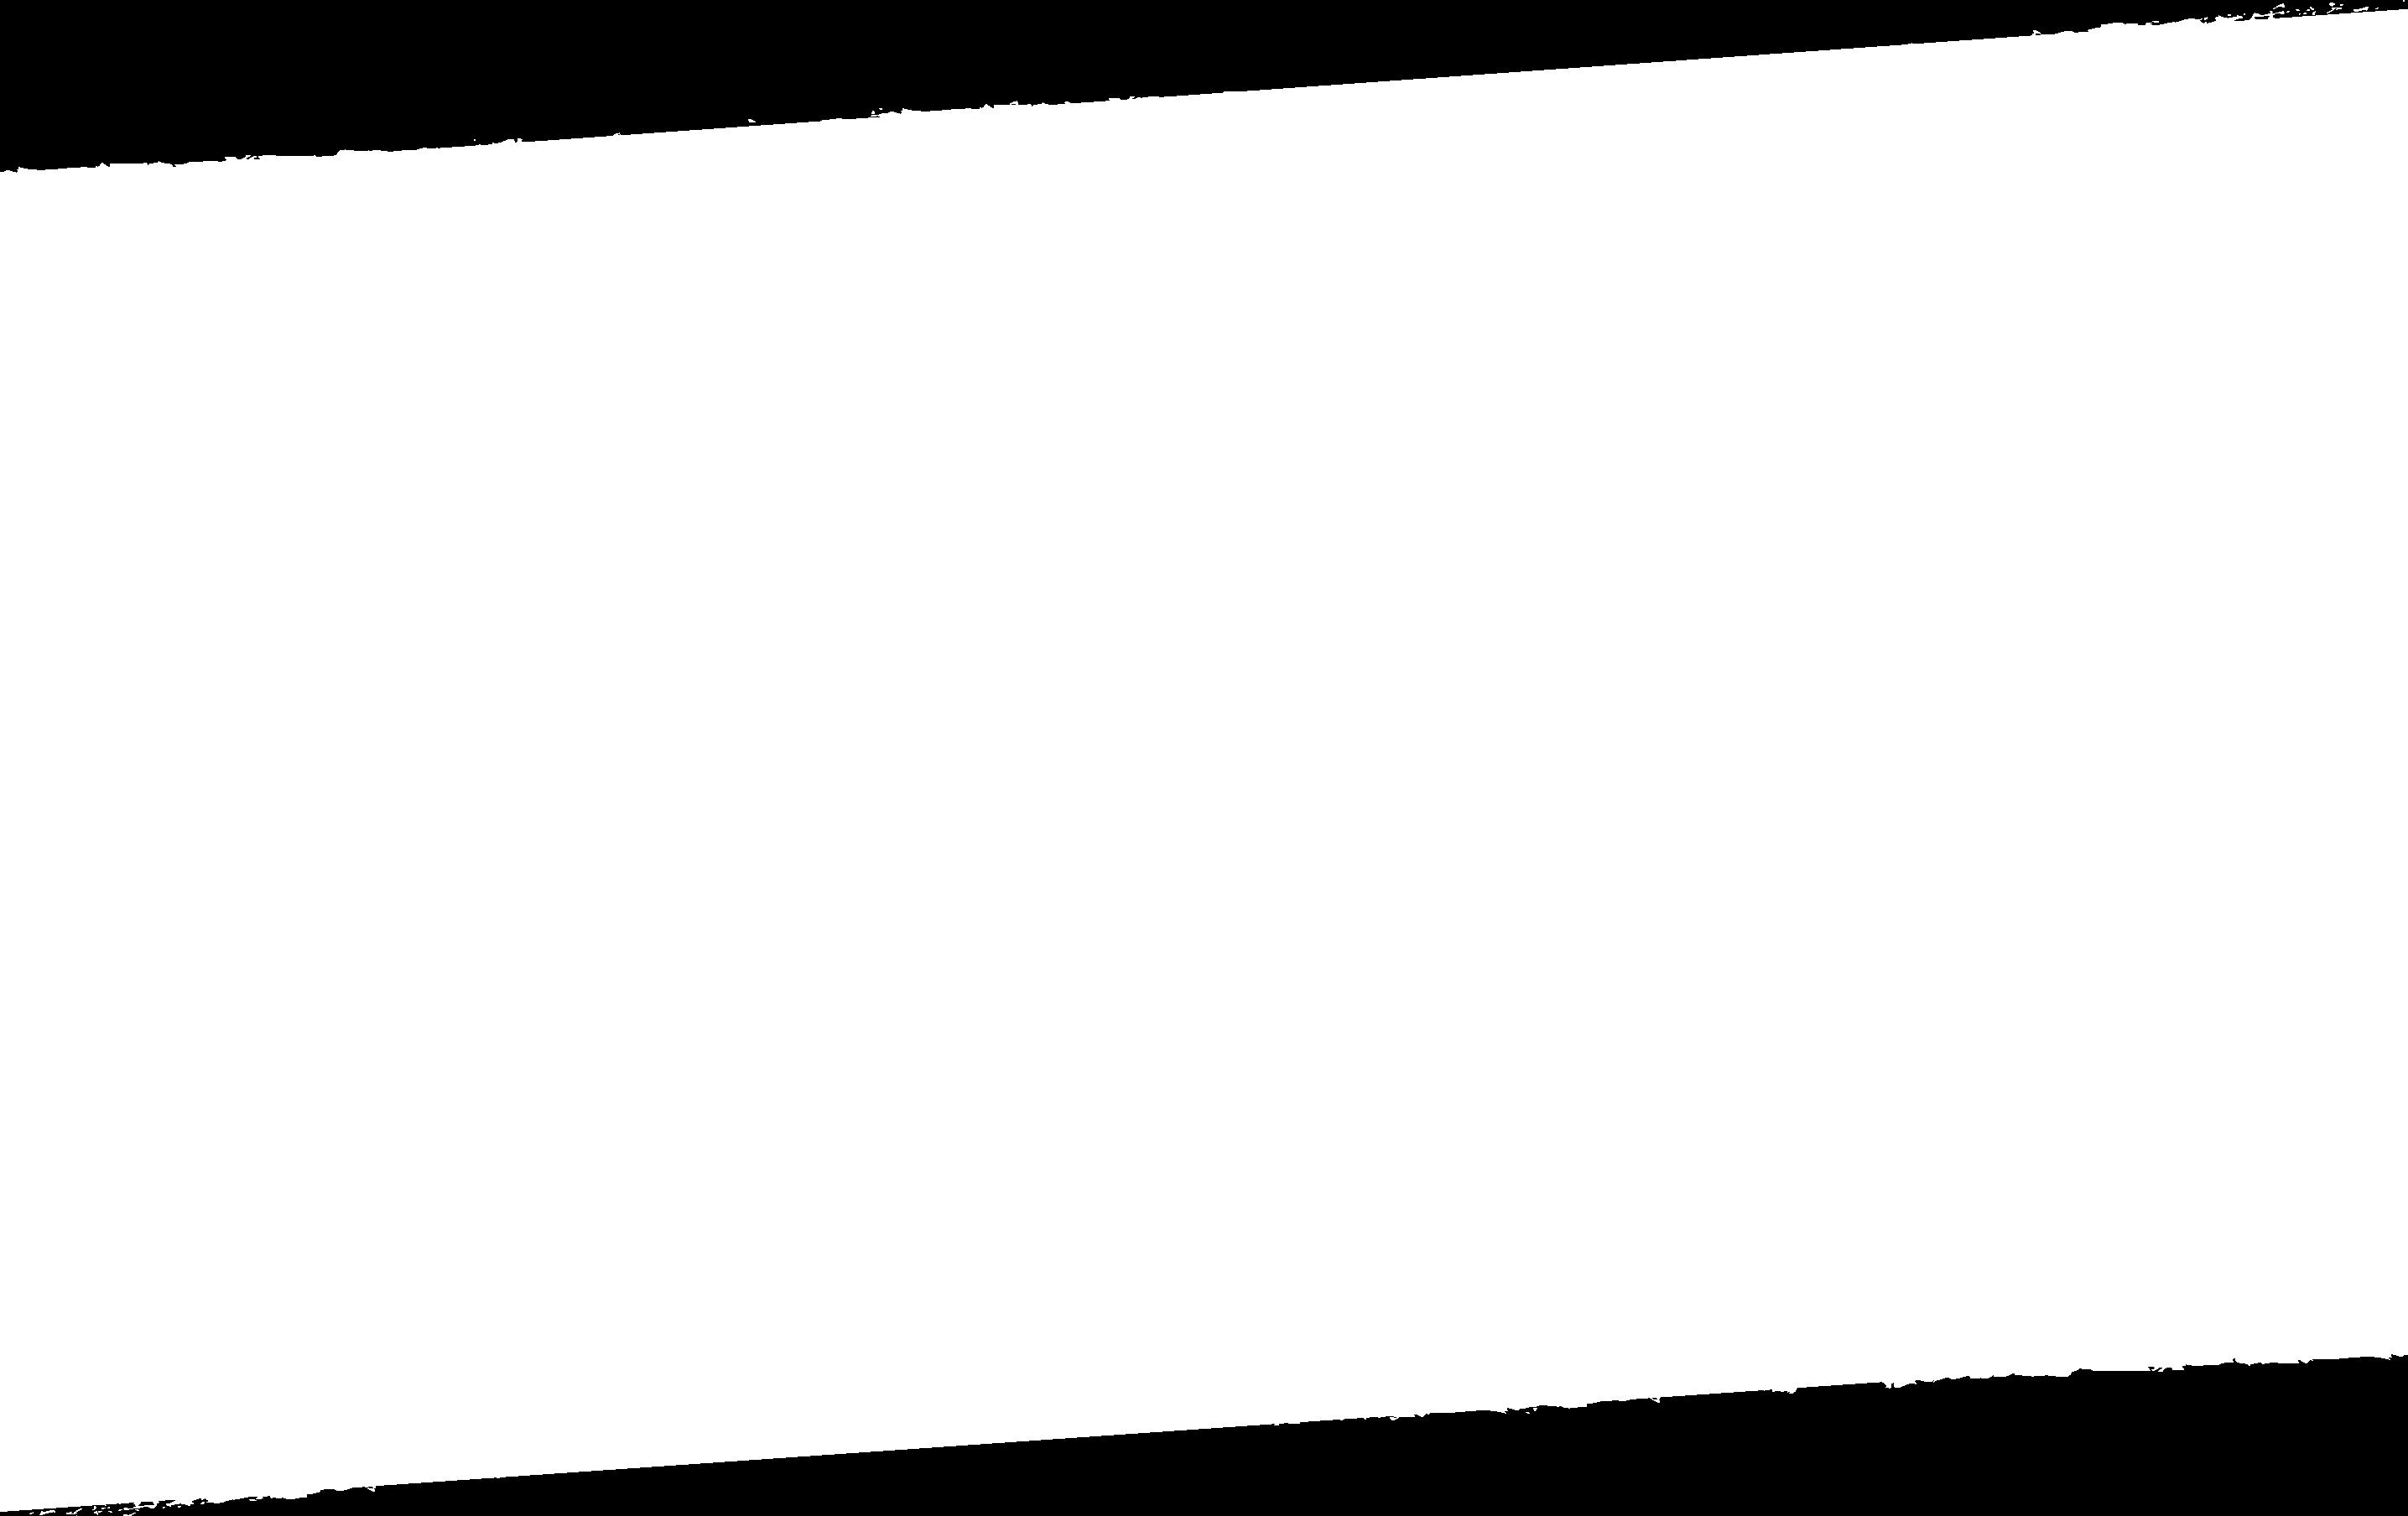 background-white-strip